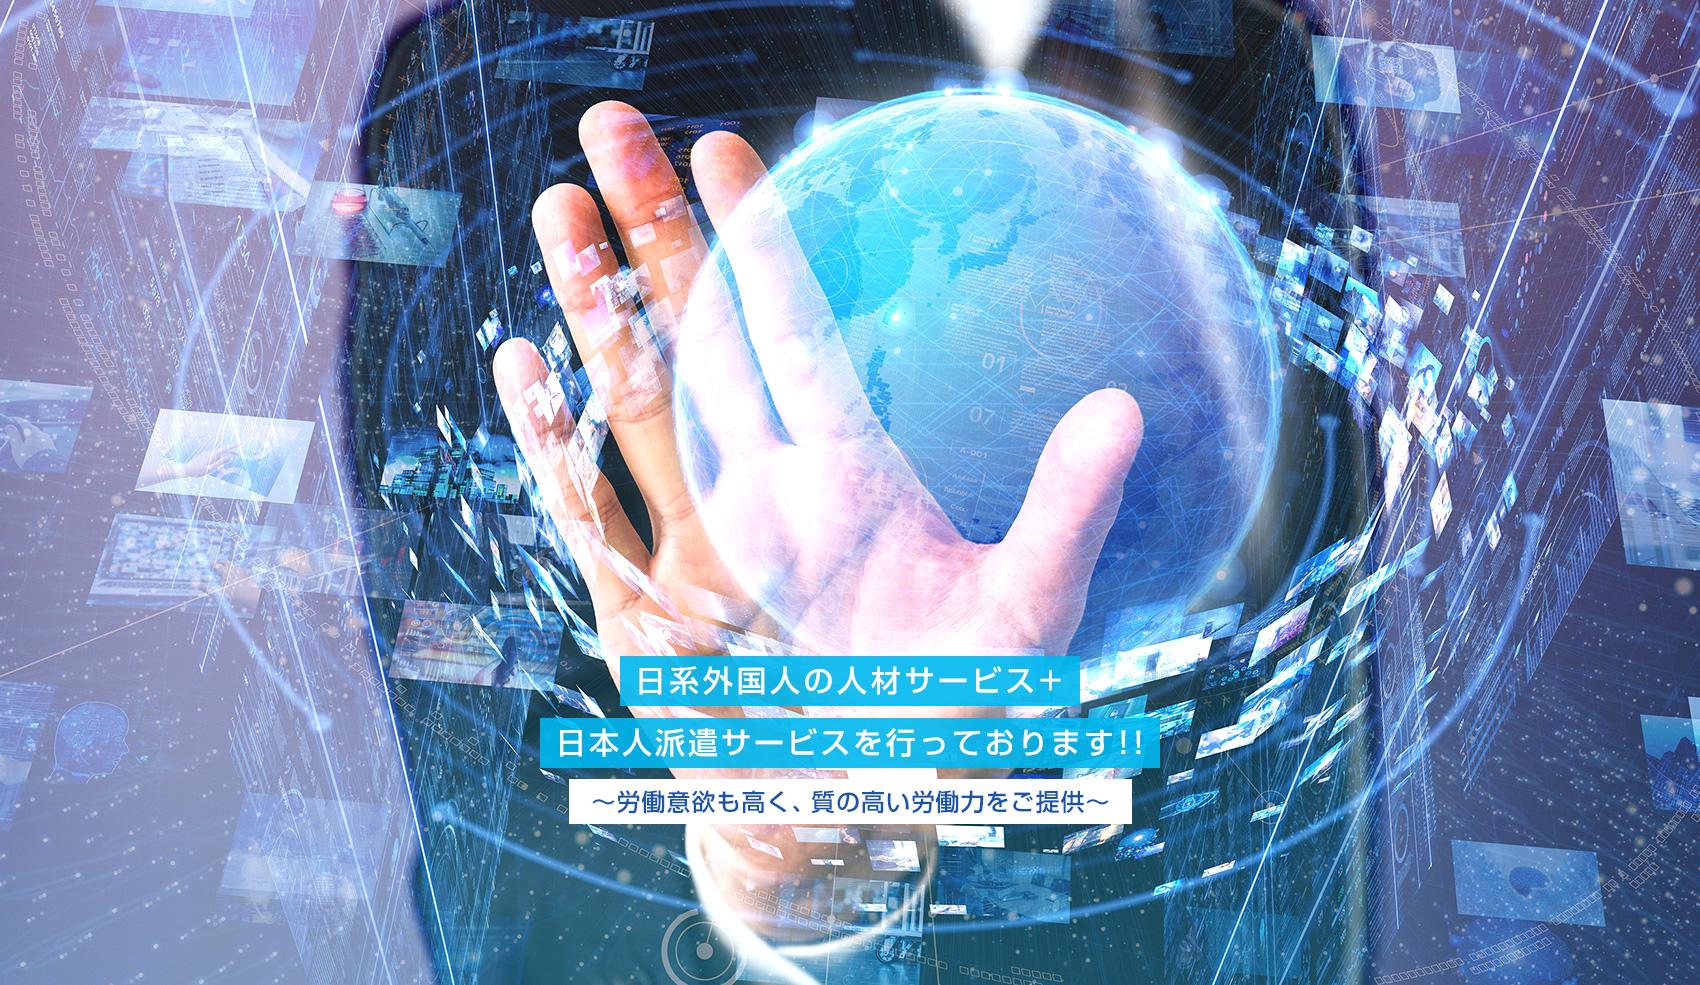 日系外国人の人材サービス+日本人派遣サービスを行っております!! ~労働意欲も高く、質の高い労働力をご提供~